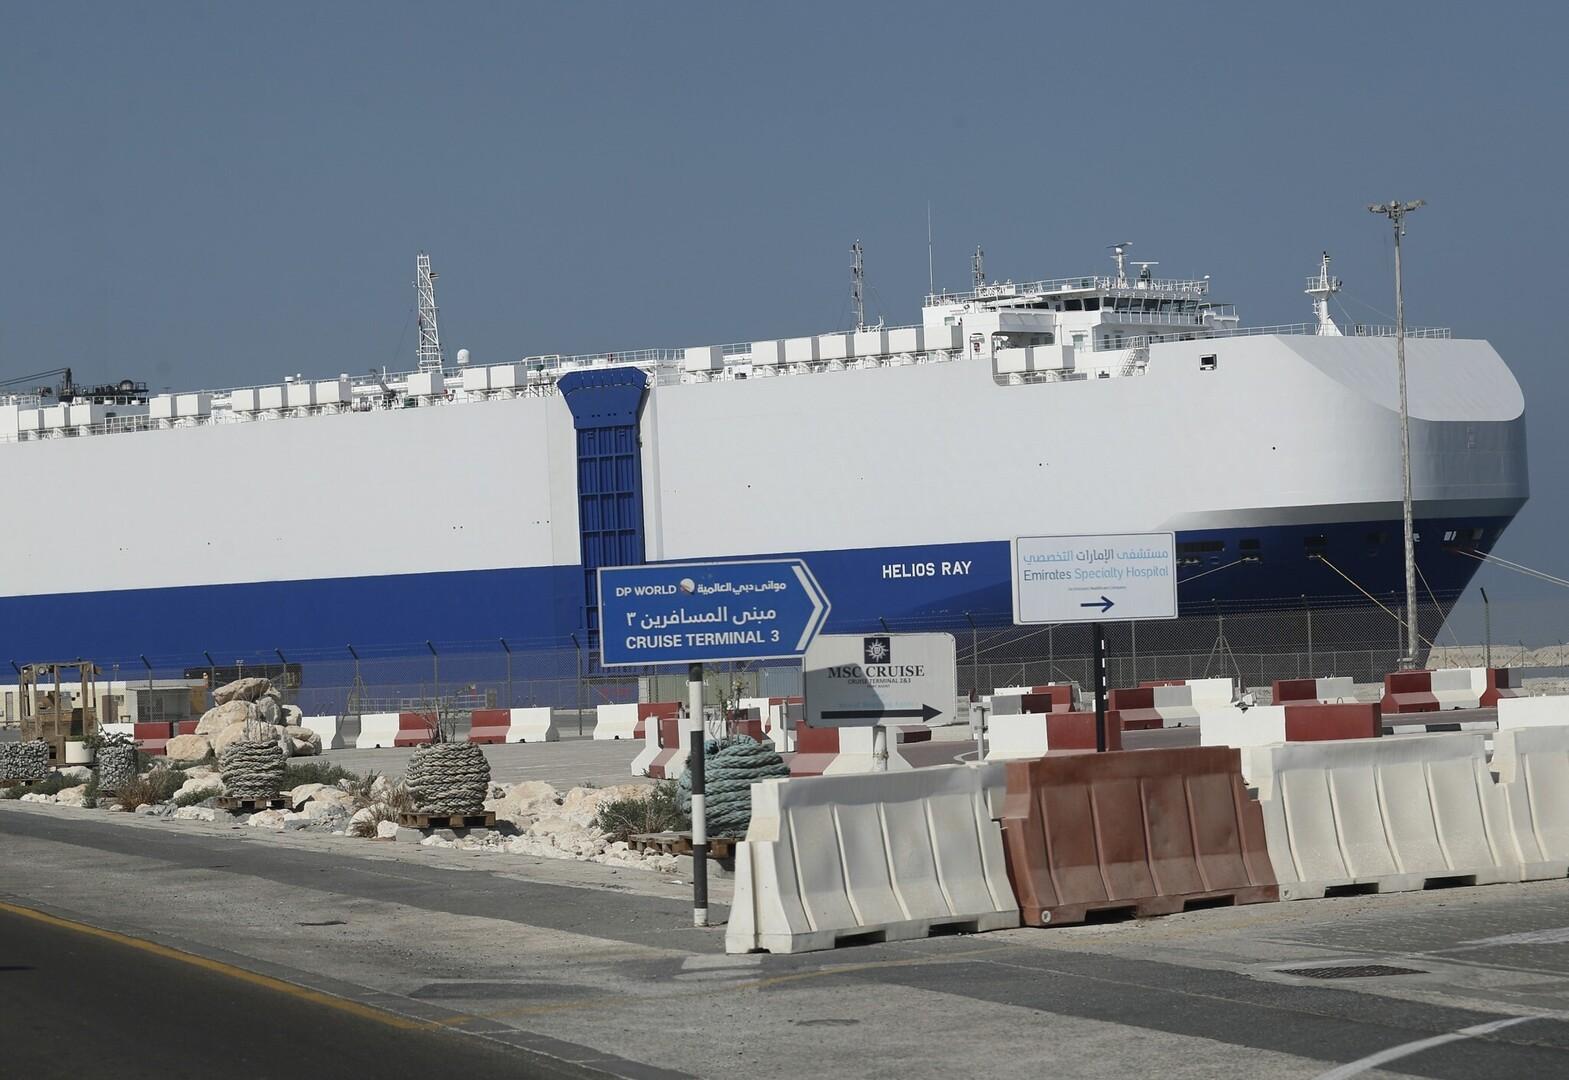 السفينة المتضررة جراء انفجار في خليج عمان تغادر دبي وتعبر هرمز مجددا